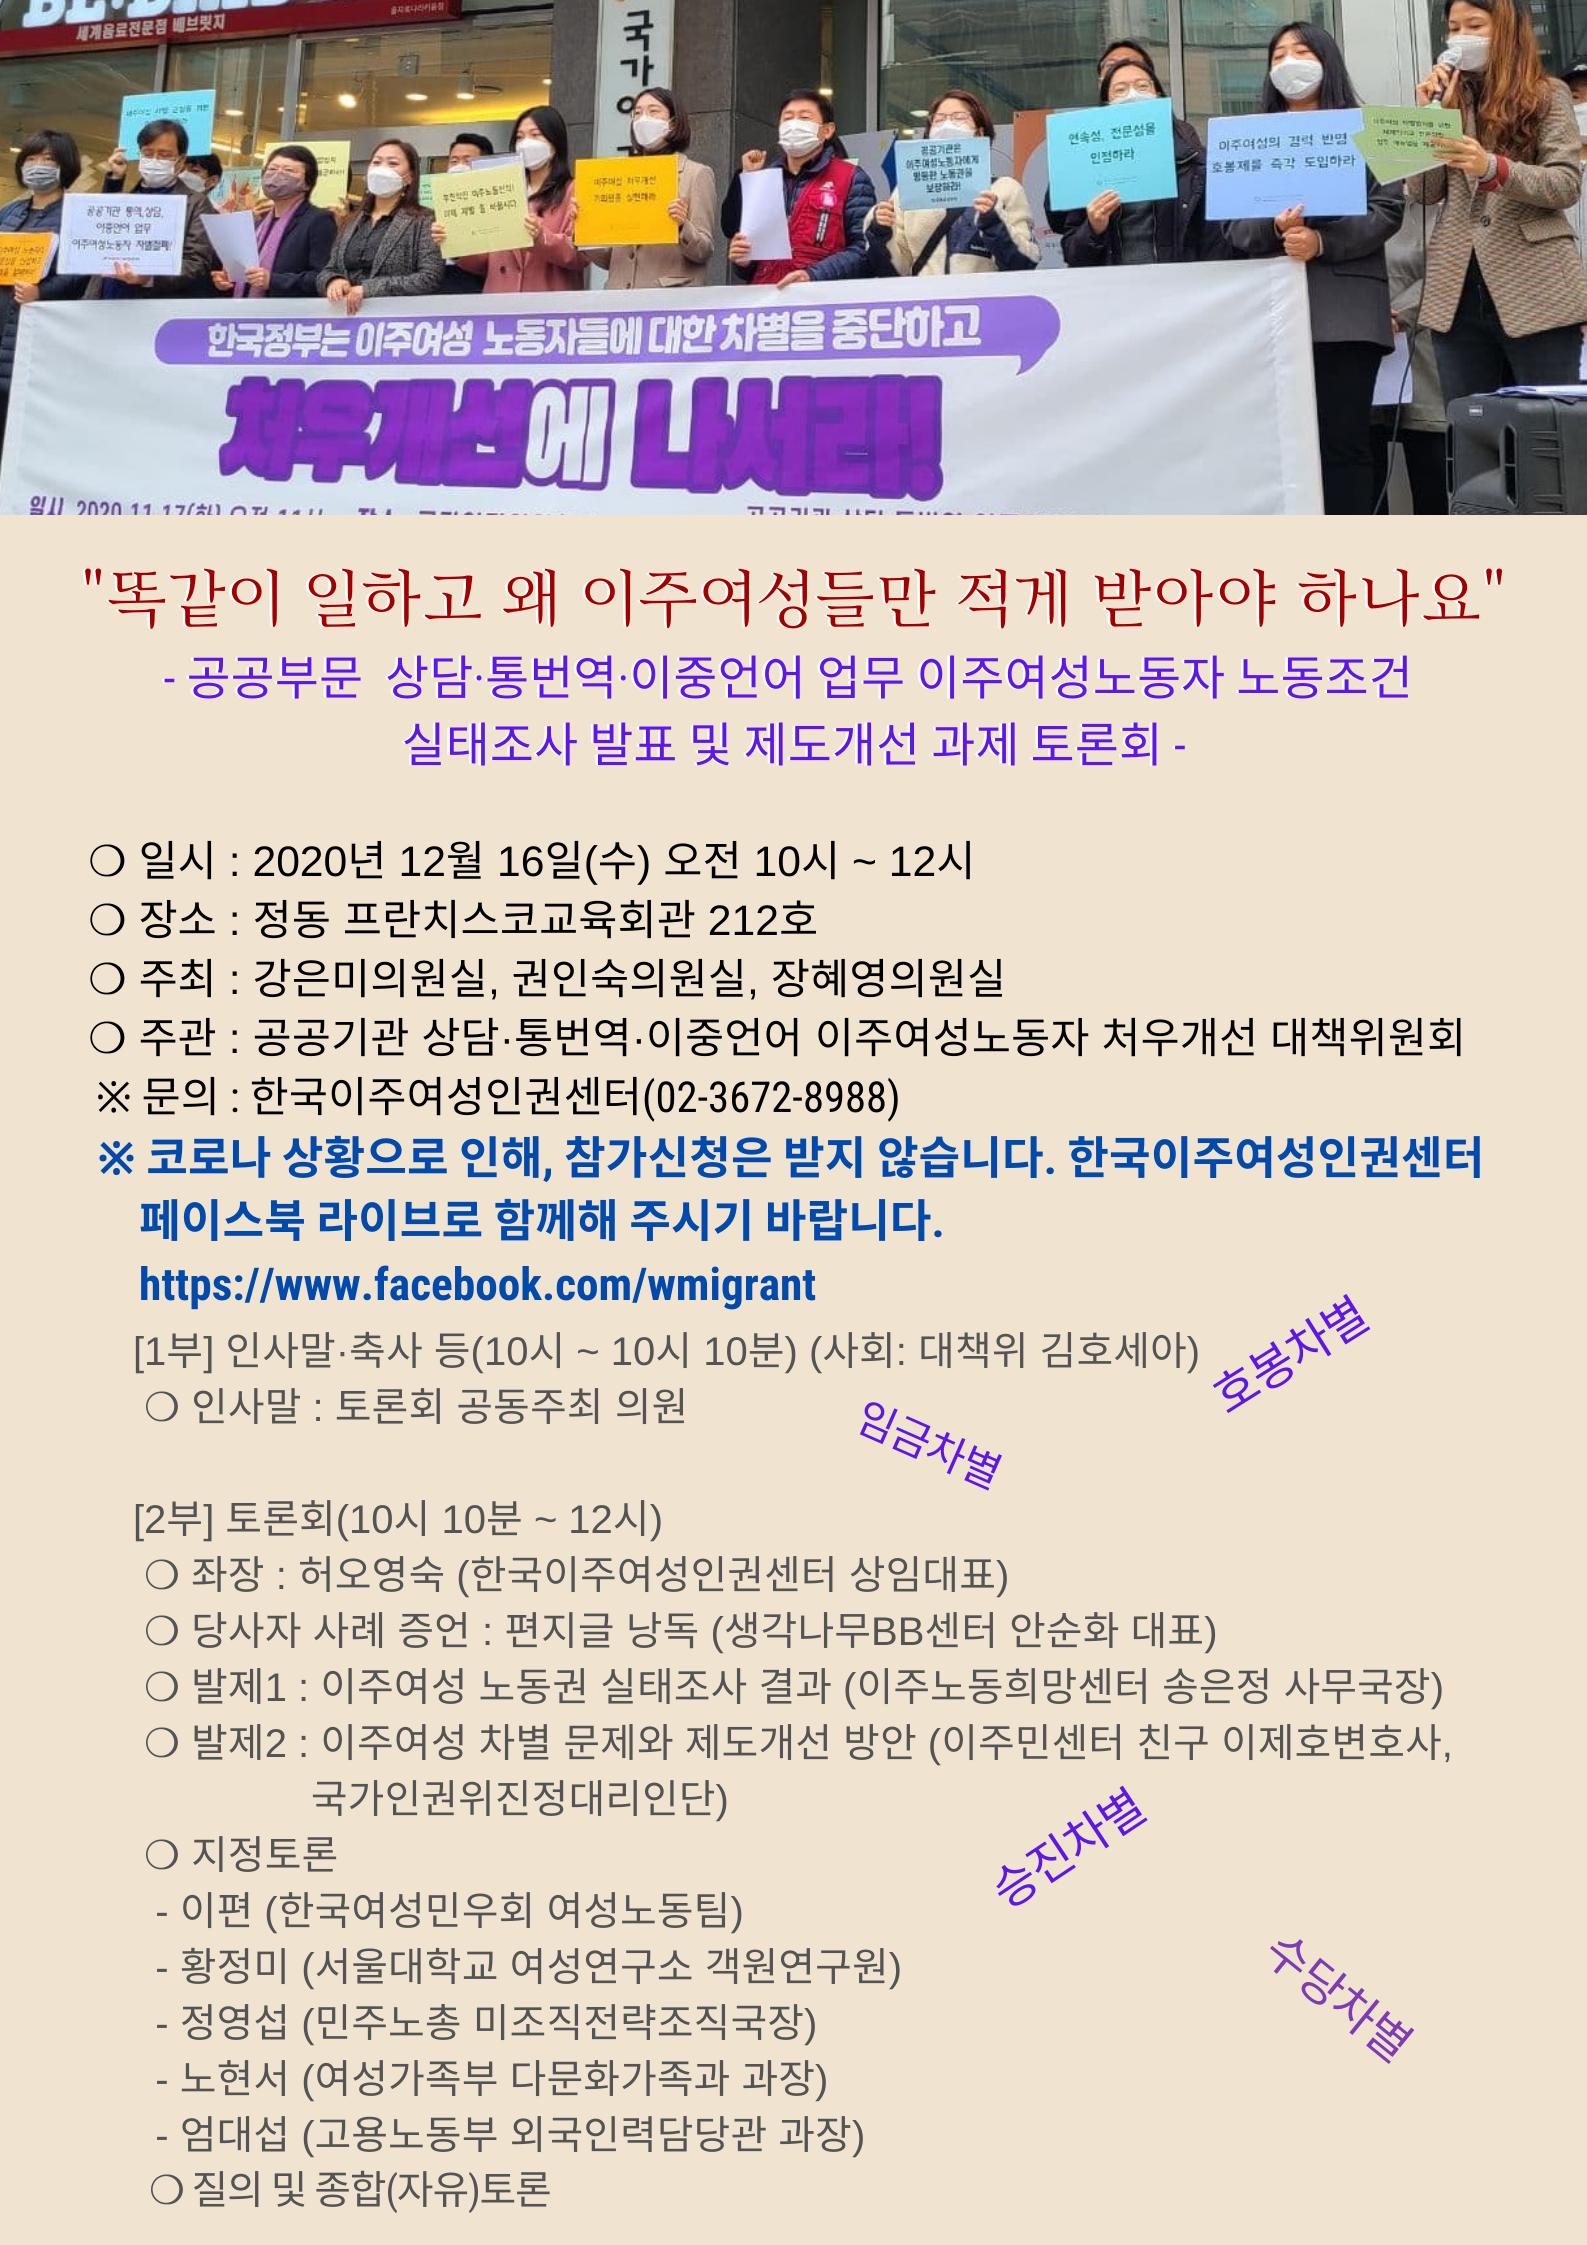 이주여성노동권토론회 (5).png